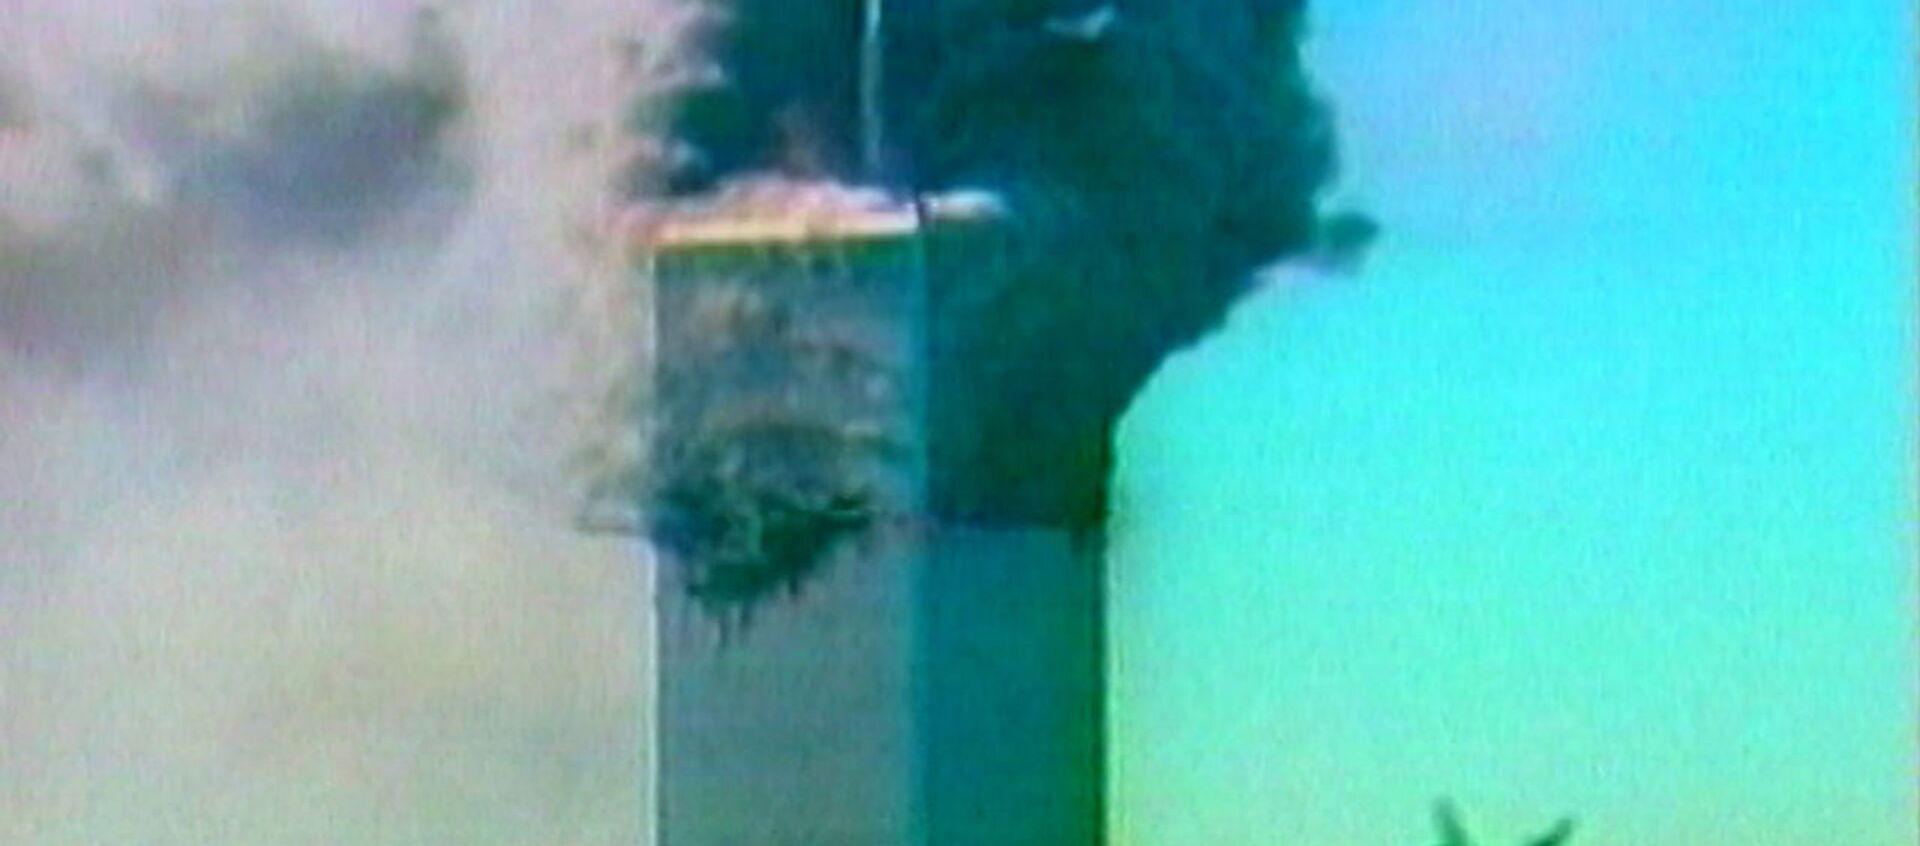 Террористический акт в Нью-Йорке 11 сентября 2001 года. Кадры из архива - Sputnik Узбекистан, 1920, 11.09.2019